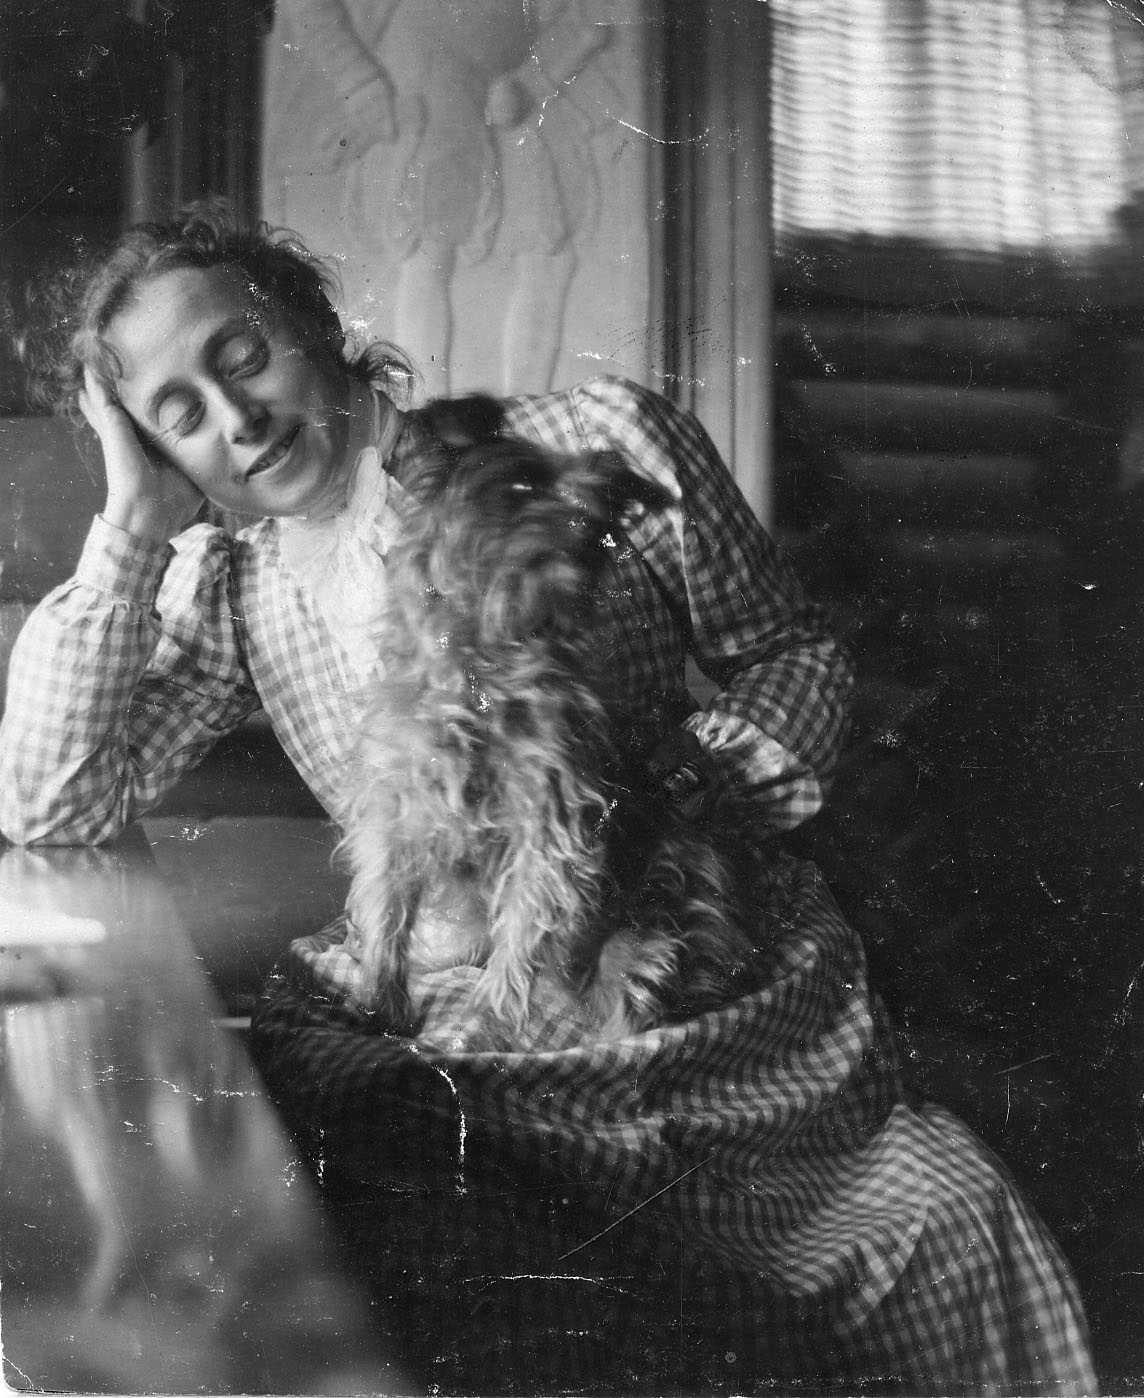 Emma Zorn med yorkshireterriern Mouche i Stora rummet på Zorngården, 1897. Fotograf okänd (Zornmuseet)